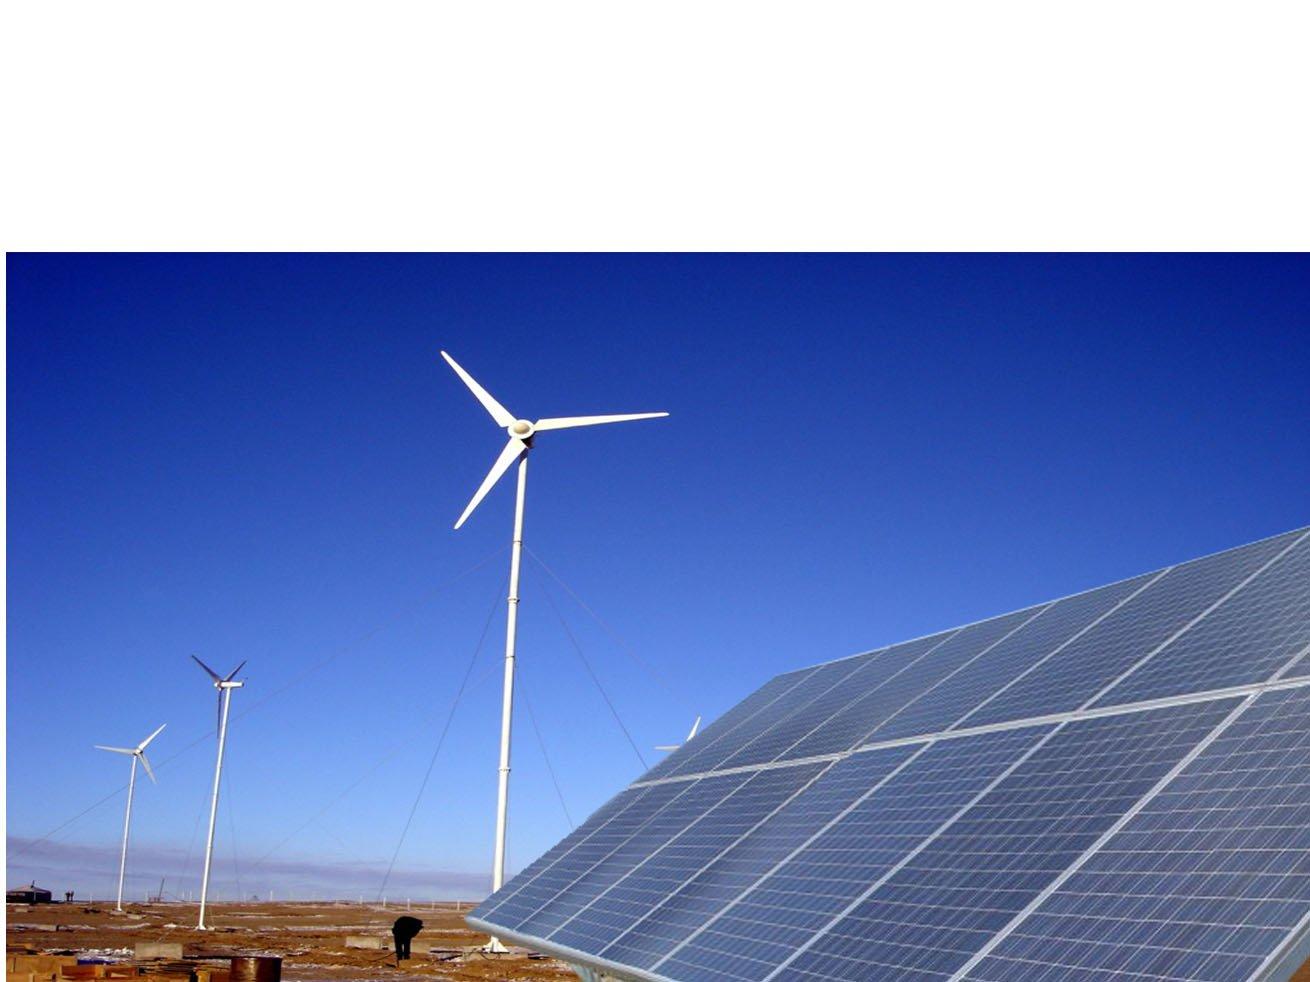 Solar Inverter For Off Grid System - Buy Pure Sine Wave Inverter,Power ...